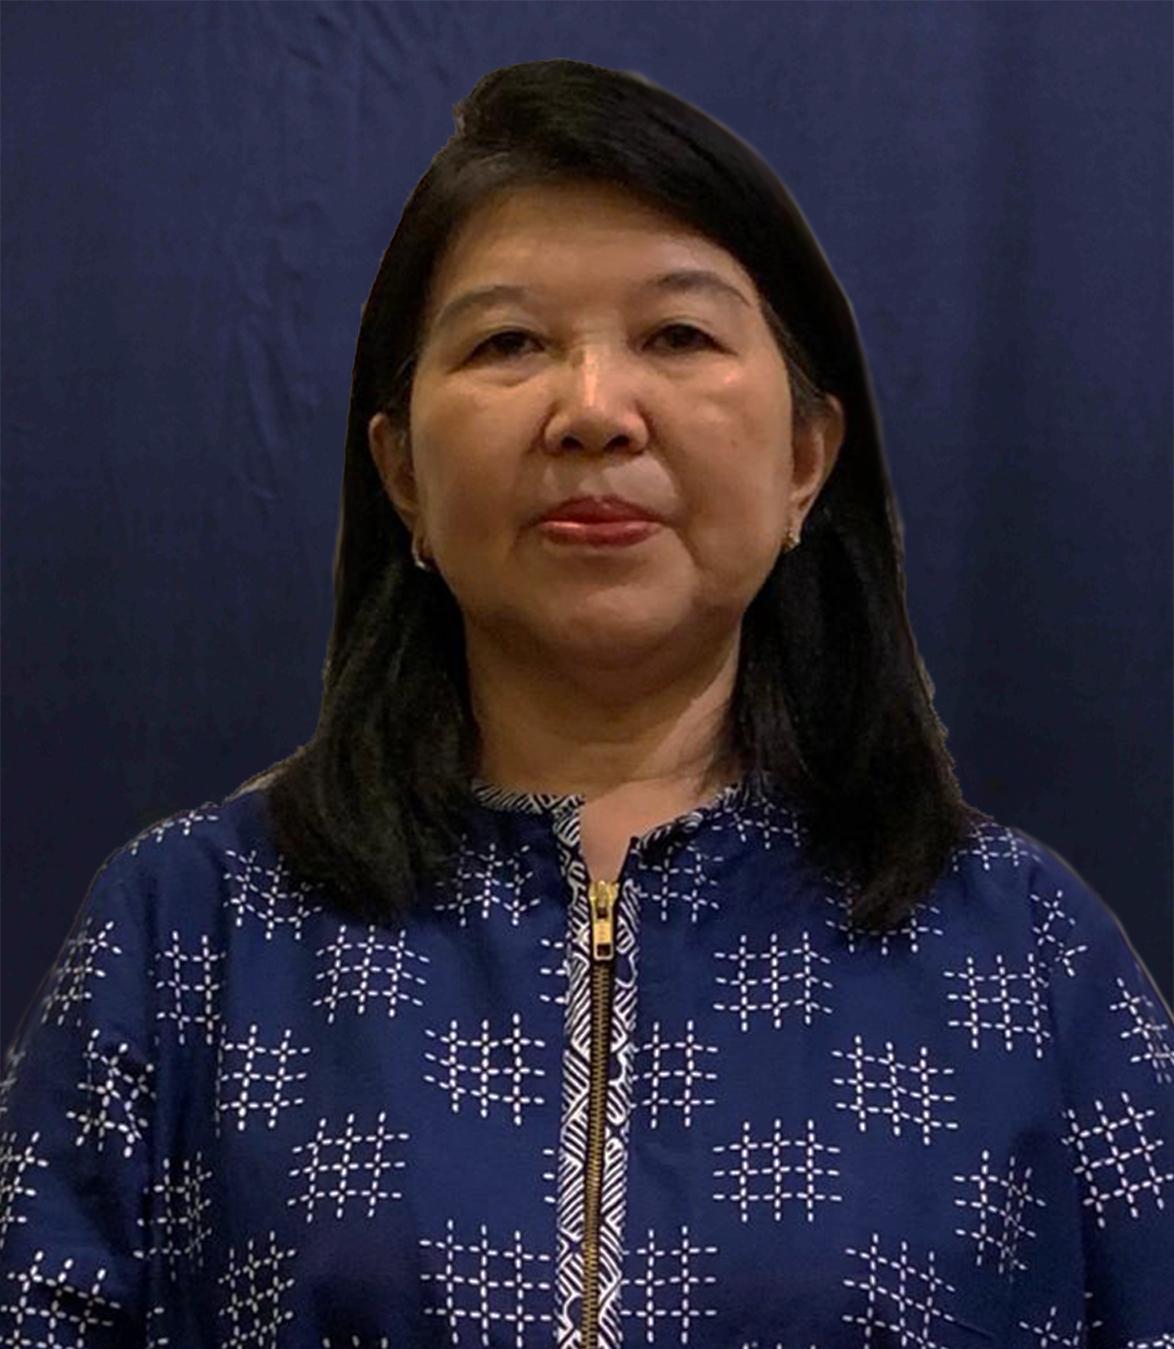 Lilik Darmawan